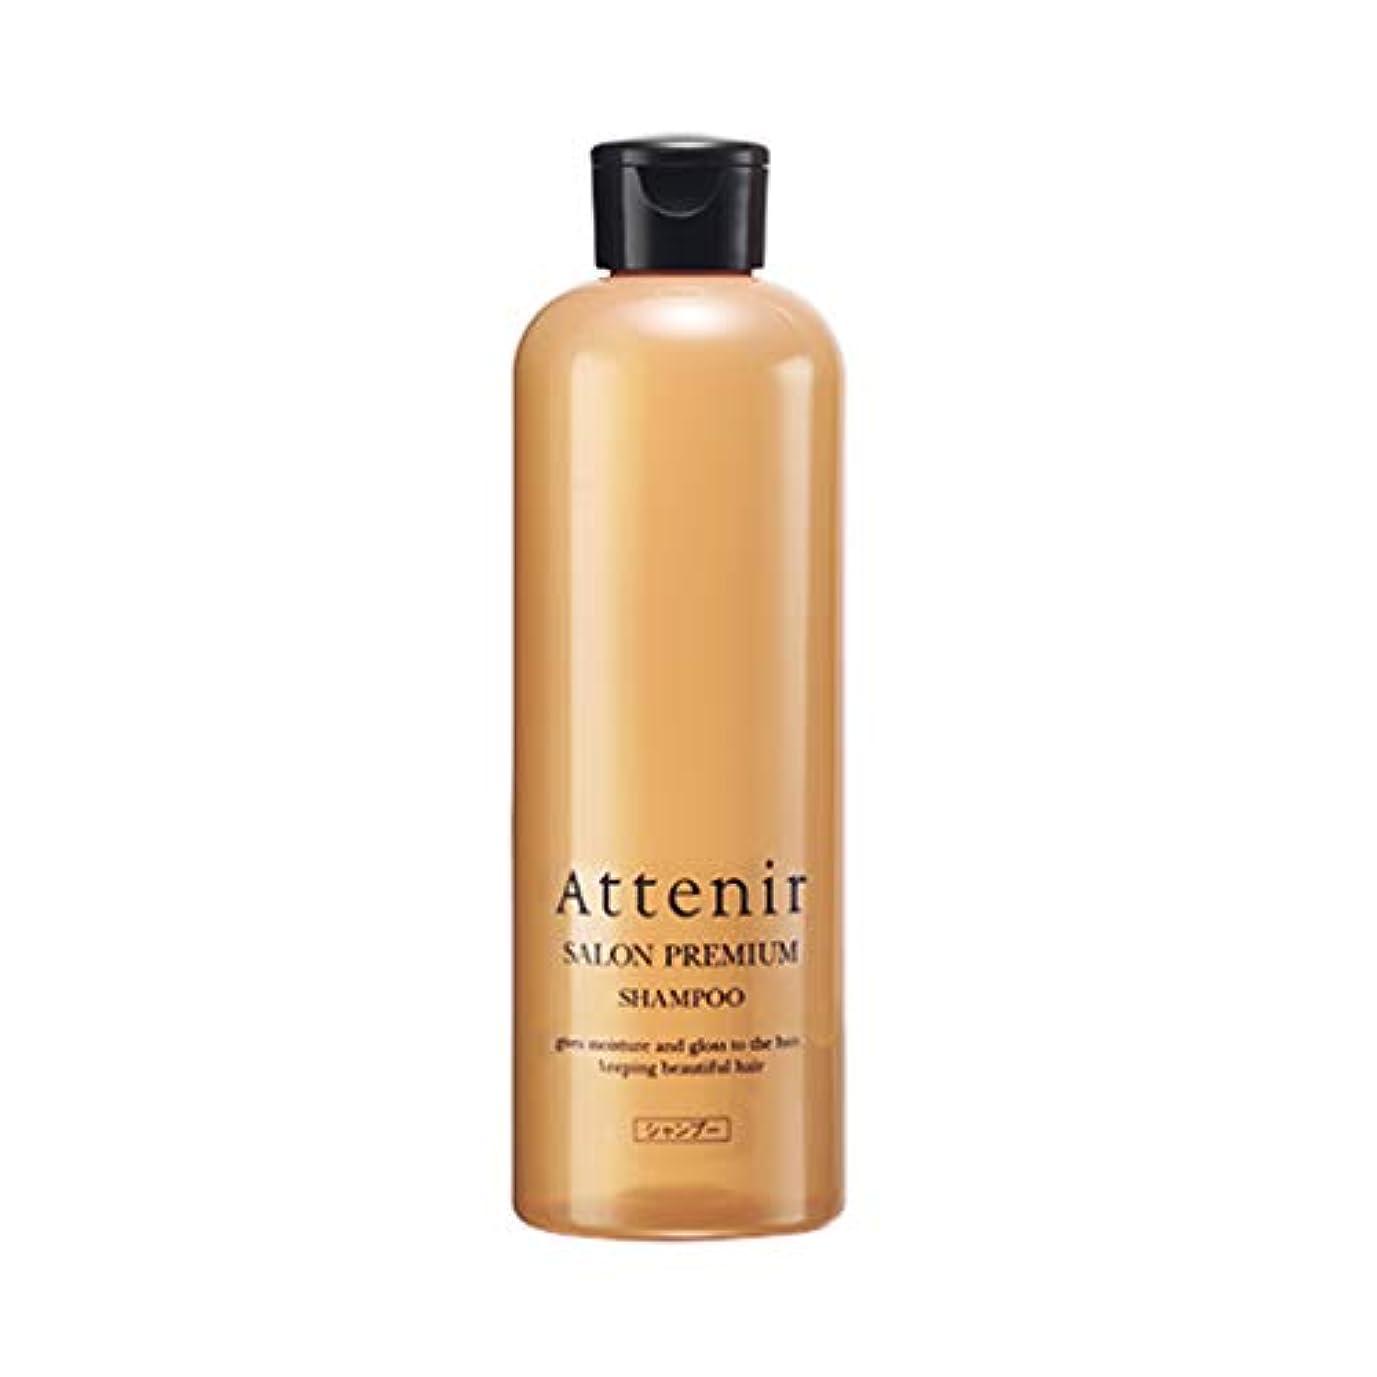 代表してジョガー魔女アテニア サロンプレミアム シャンプー グランフローラルの香り 毛髪補強成分配合 300ml